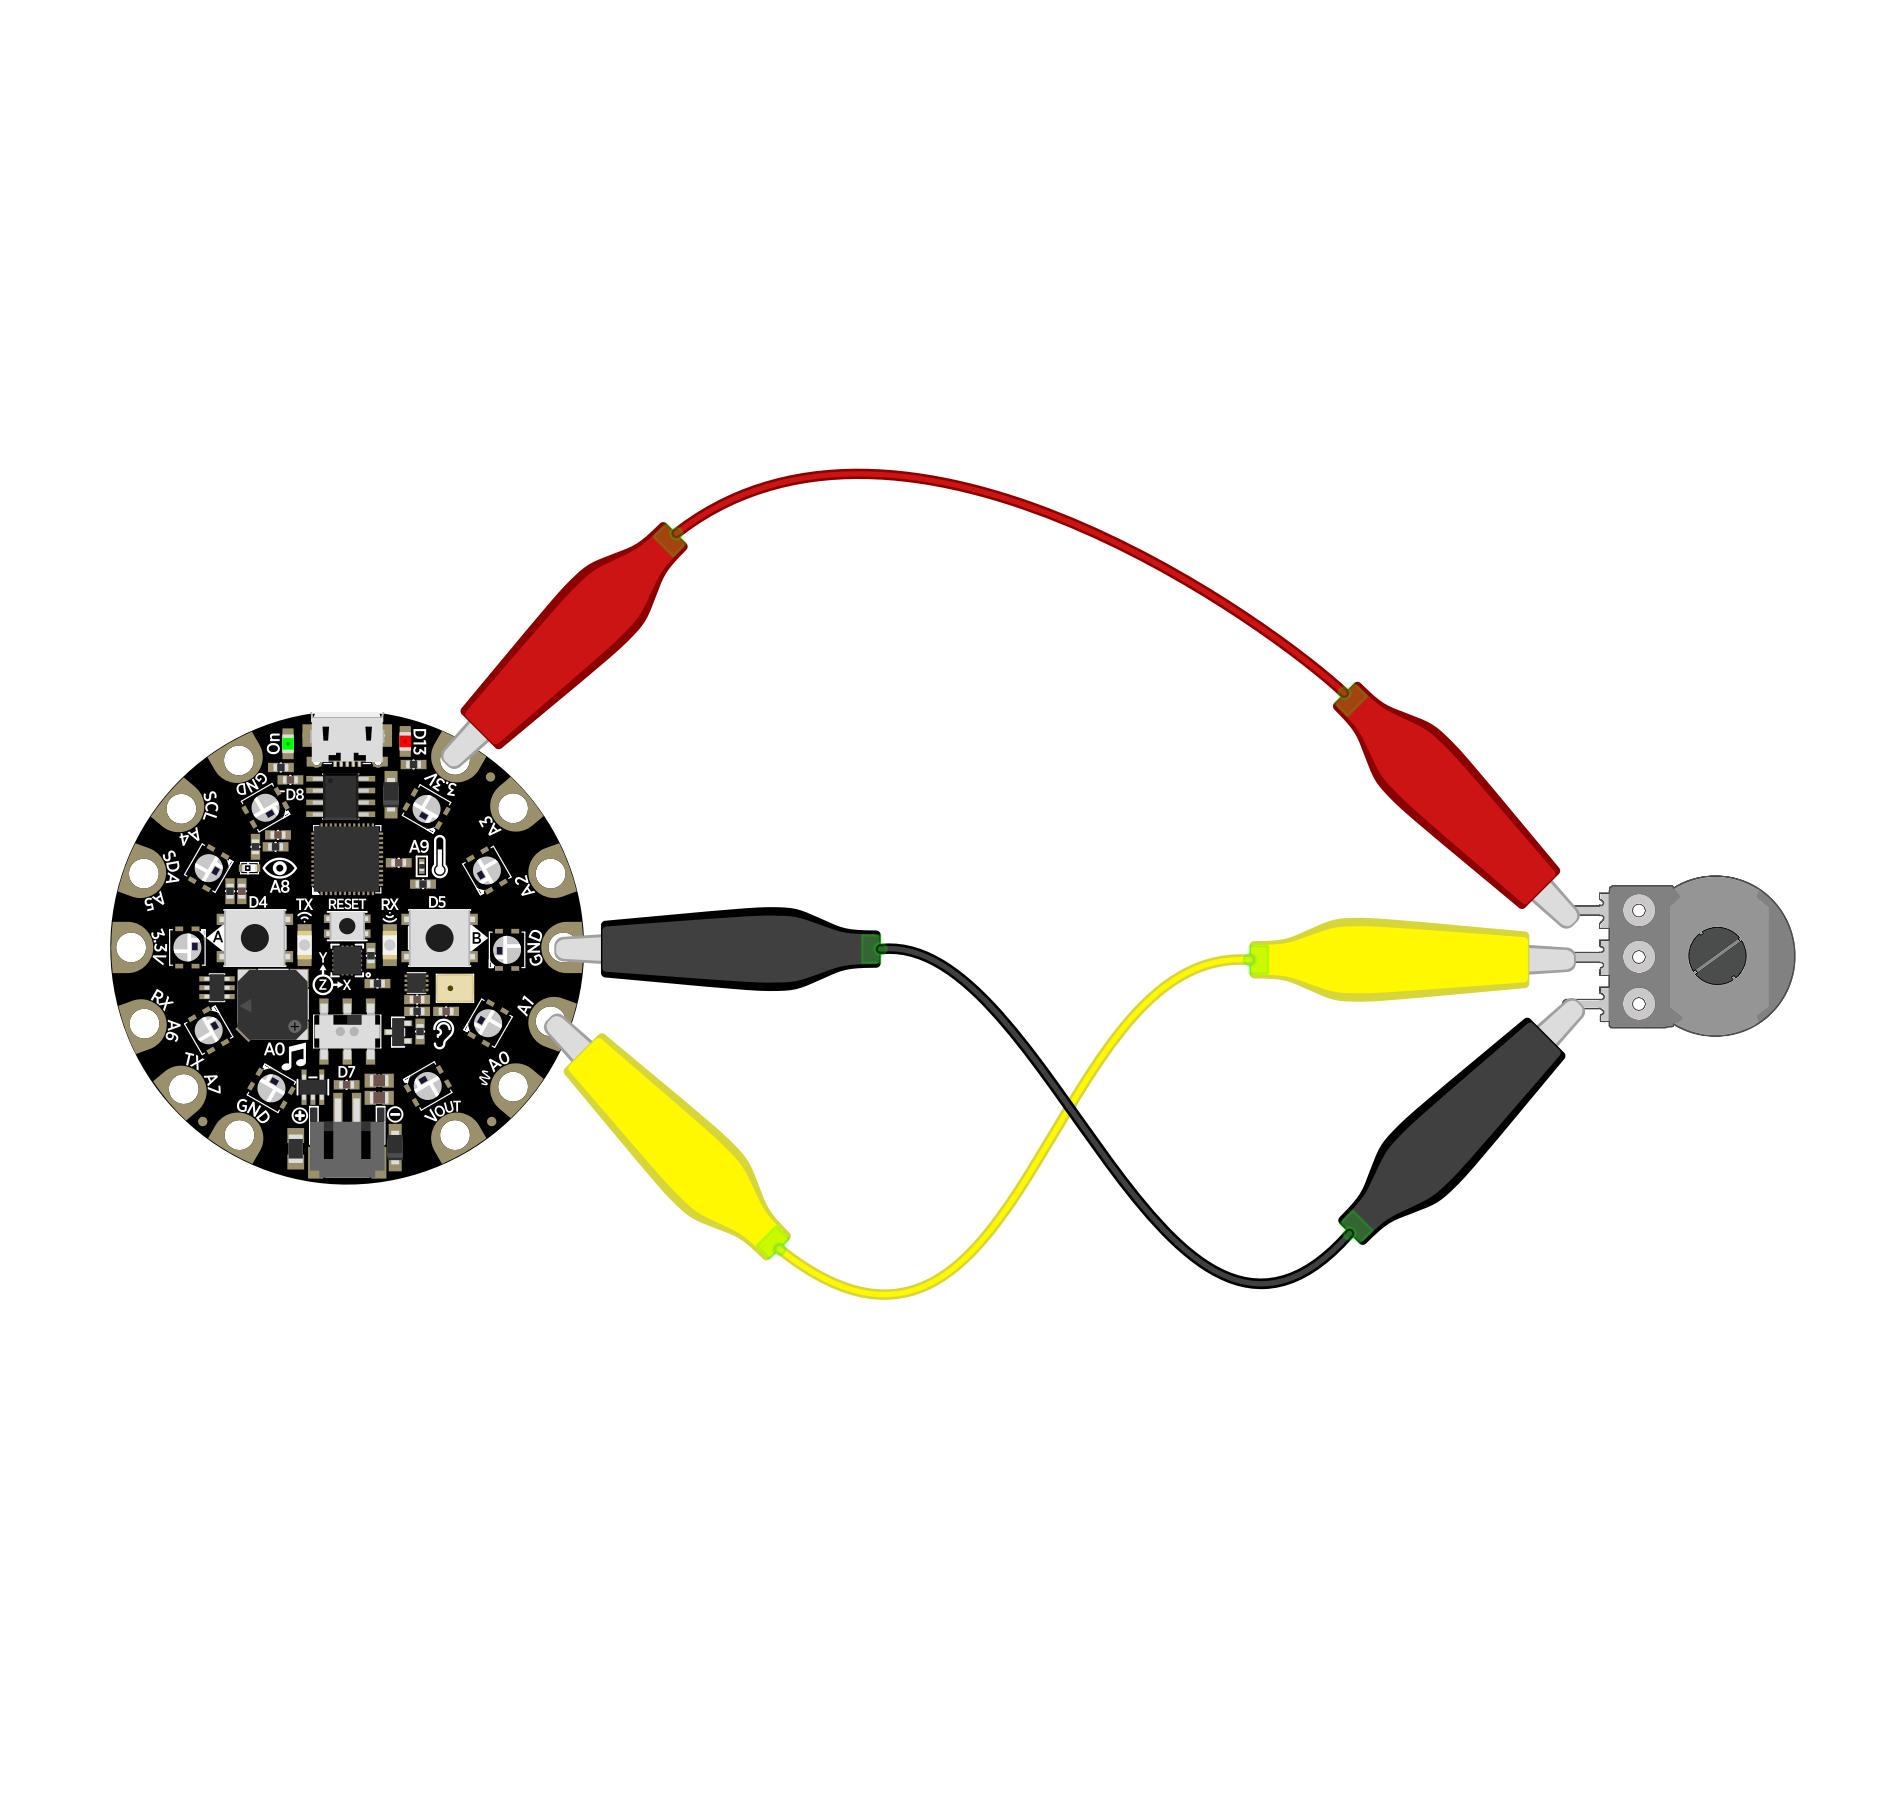 circuitpython_circuit_playground_cpxPotAnalogIn2.png